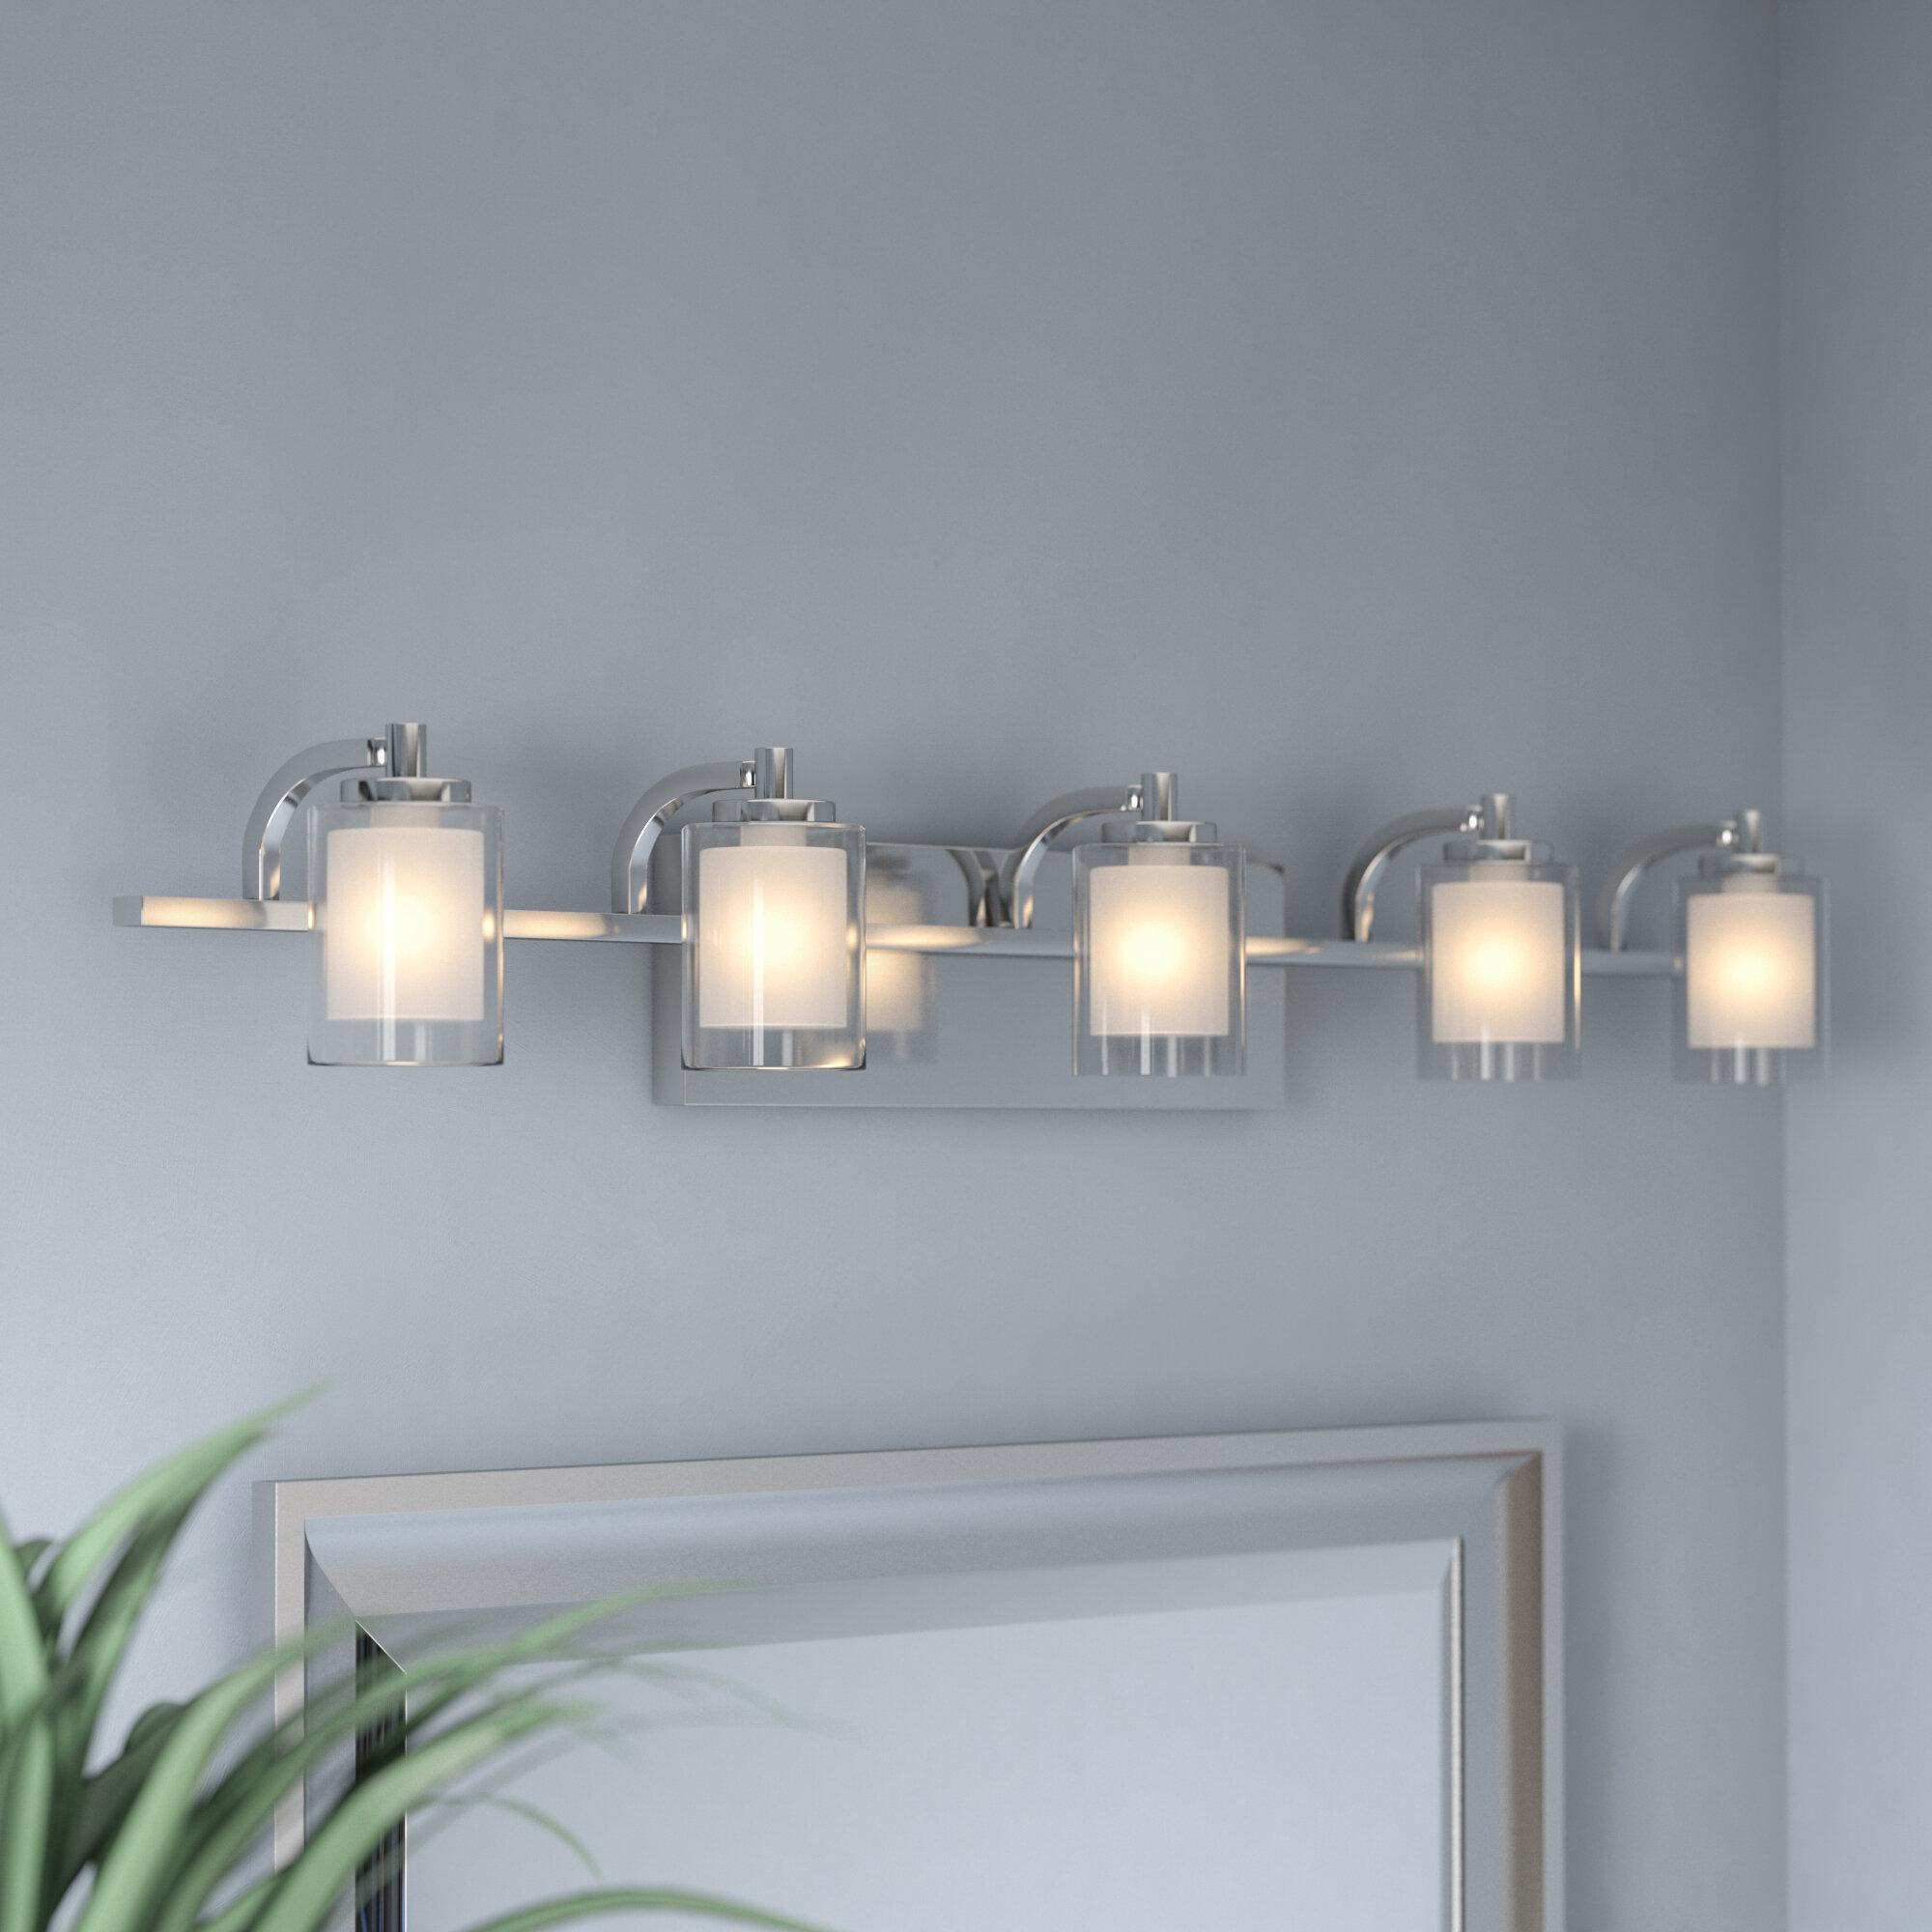 Vanity lighting design Fixtures Wayfair Wade Logan Aldrich 5light Vanity Light Reviews Wayfair